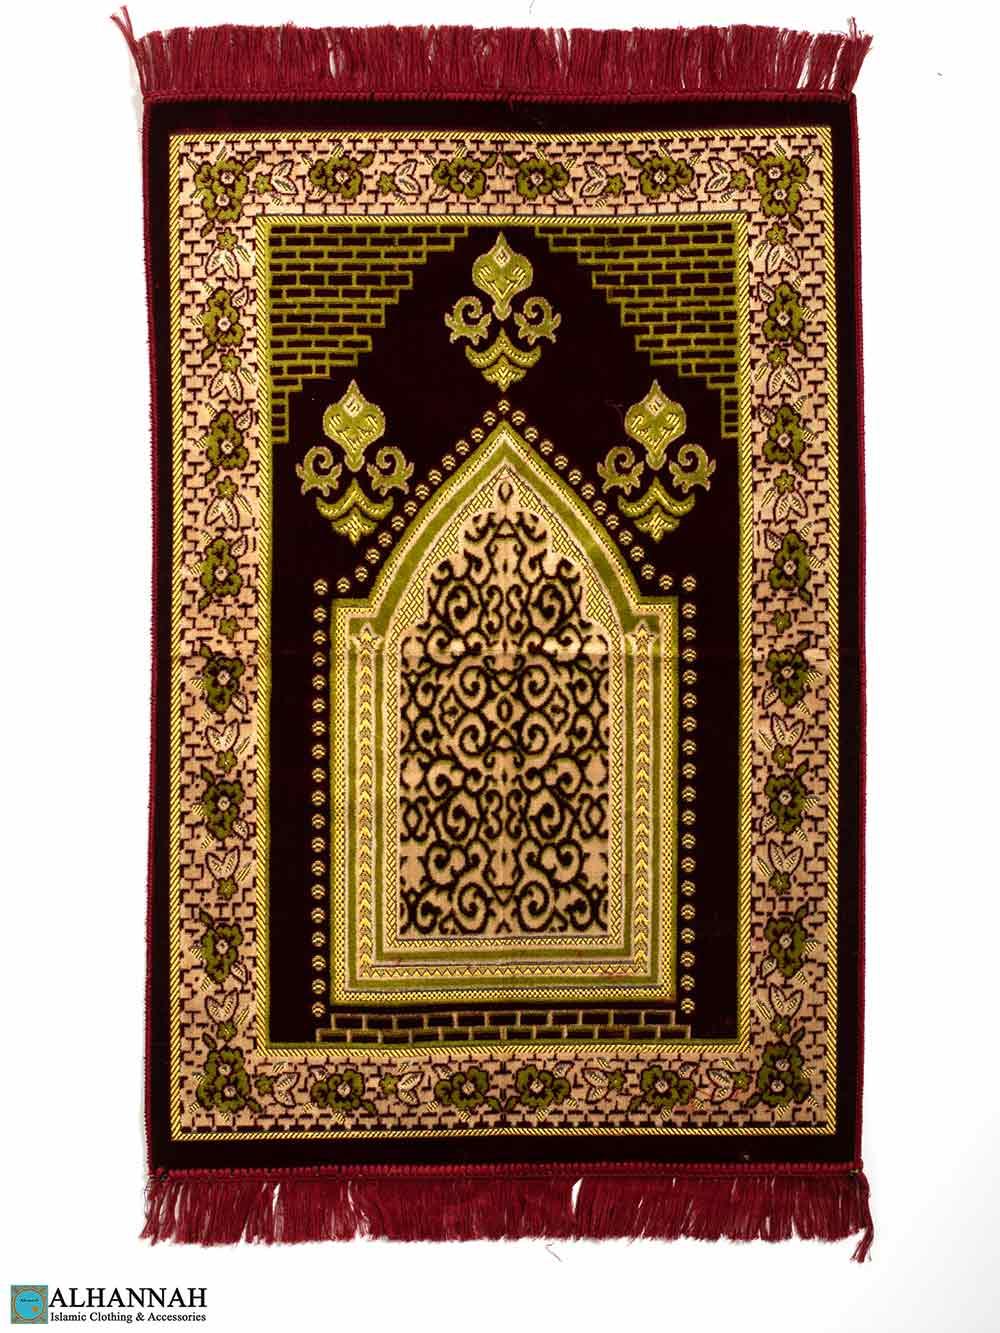 Turkish Prayer Rug – Floral Border in Red & Olive